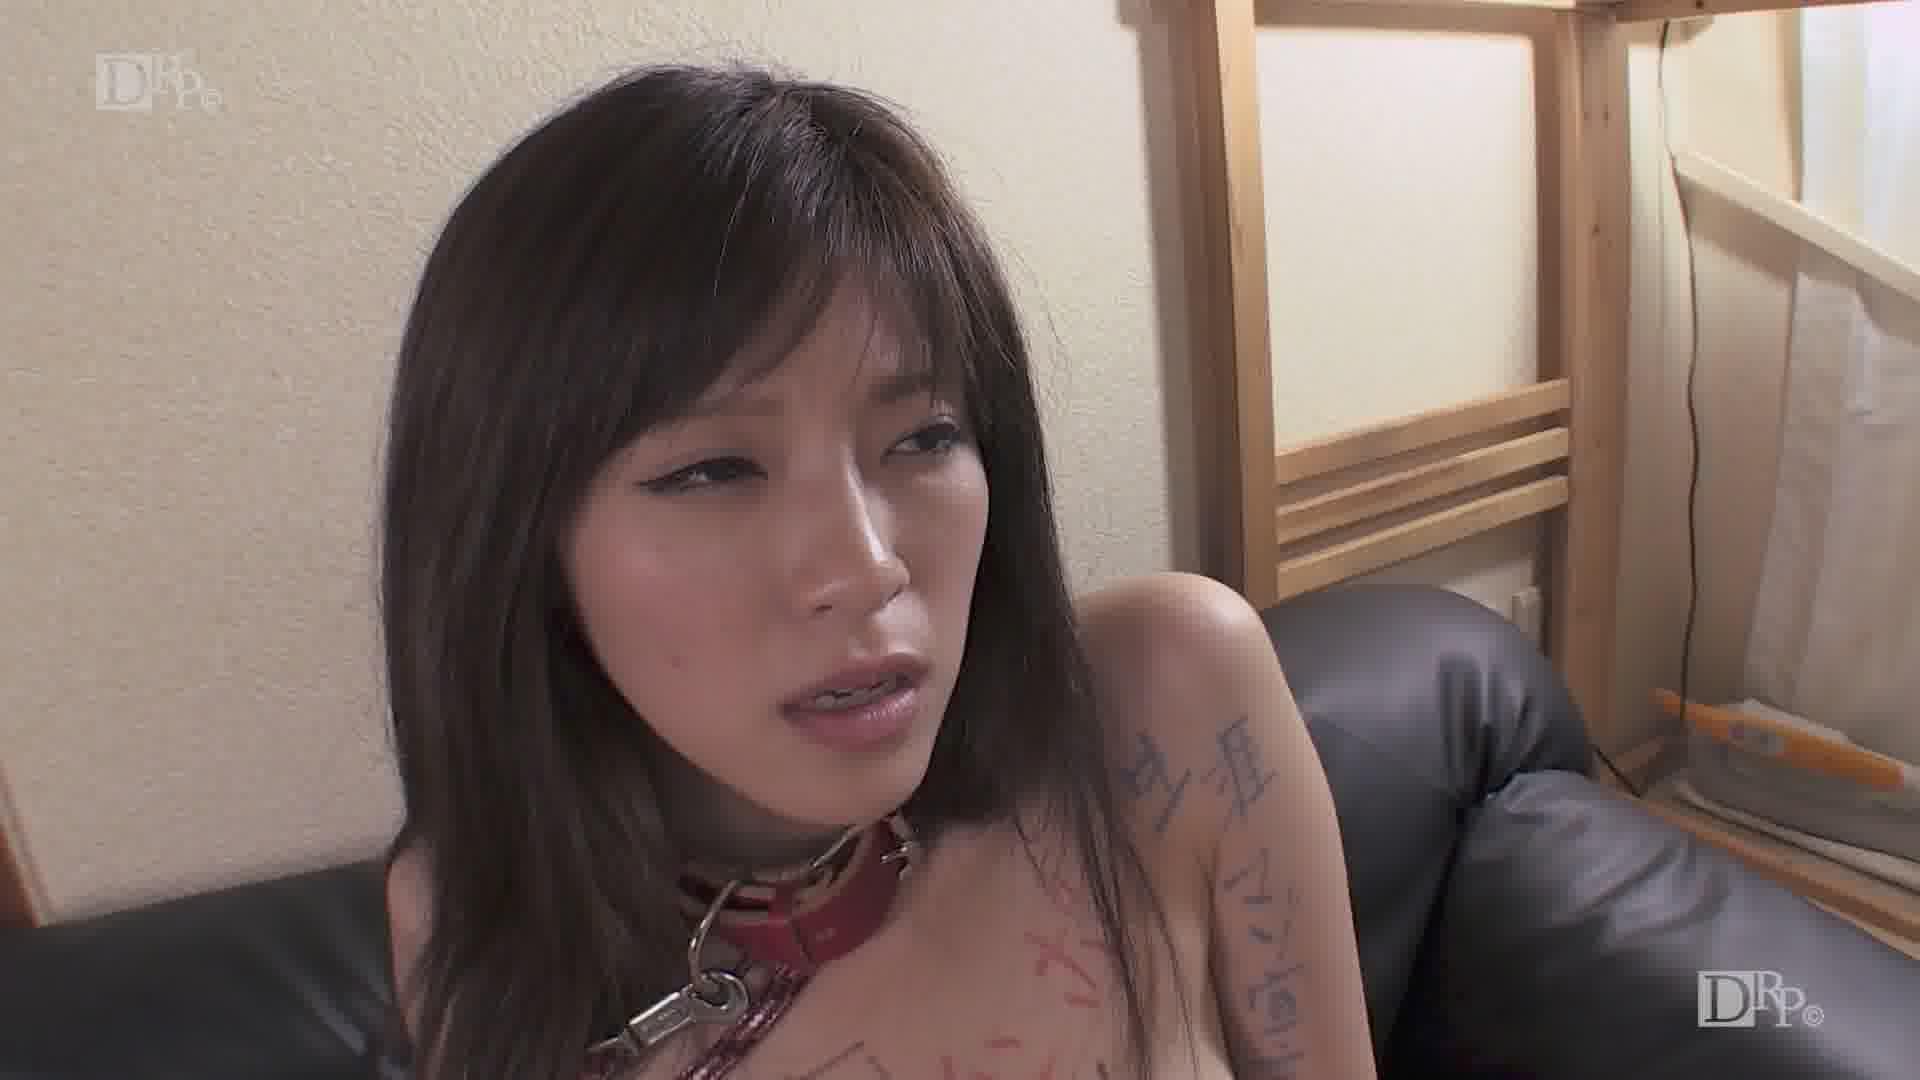 変態ペットと化した女 - 百合川さら【美乳・オナニー・3P】